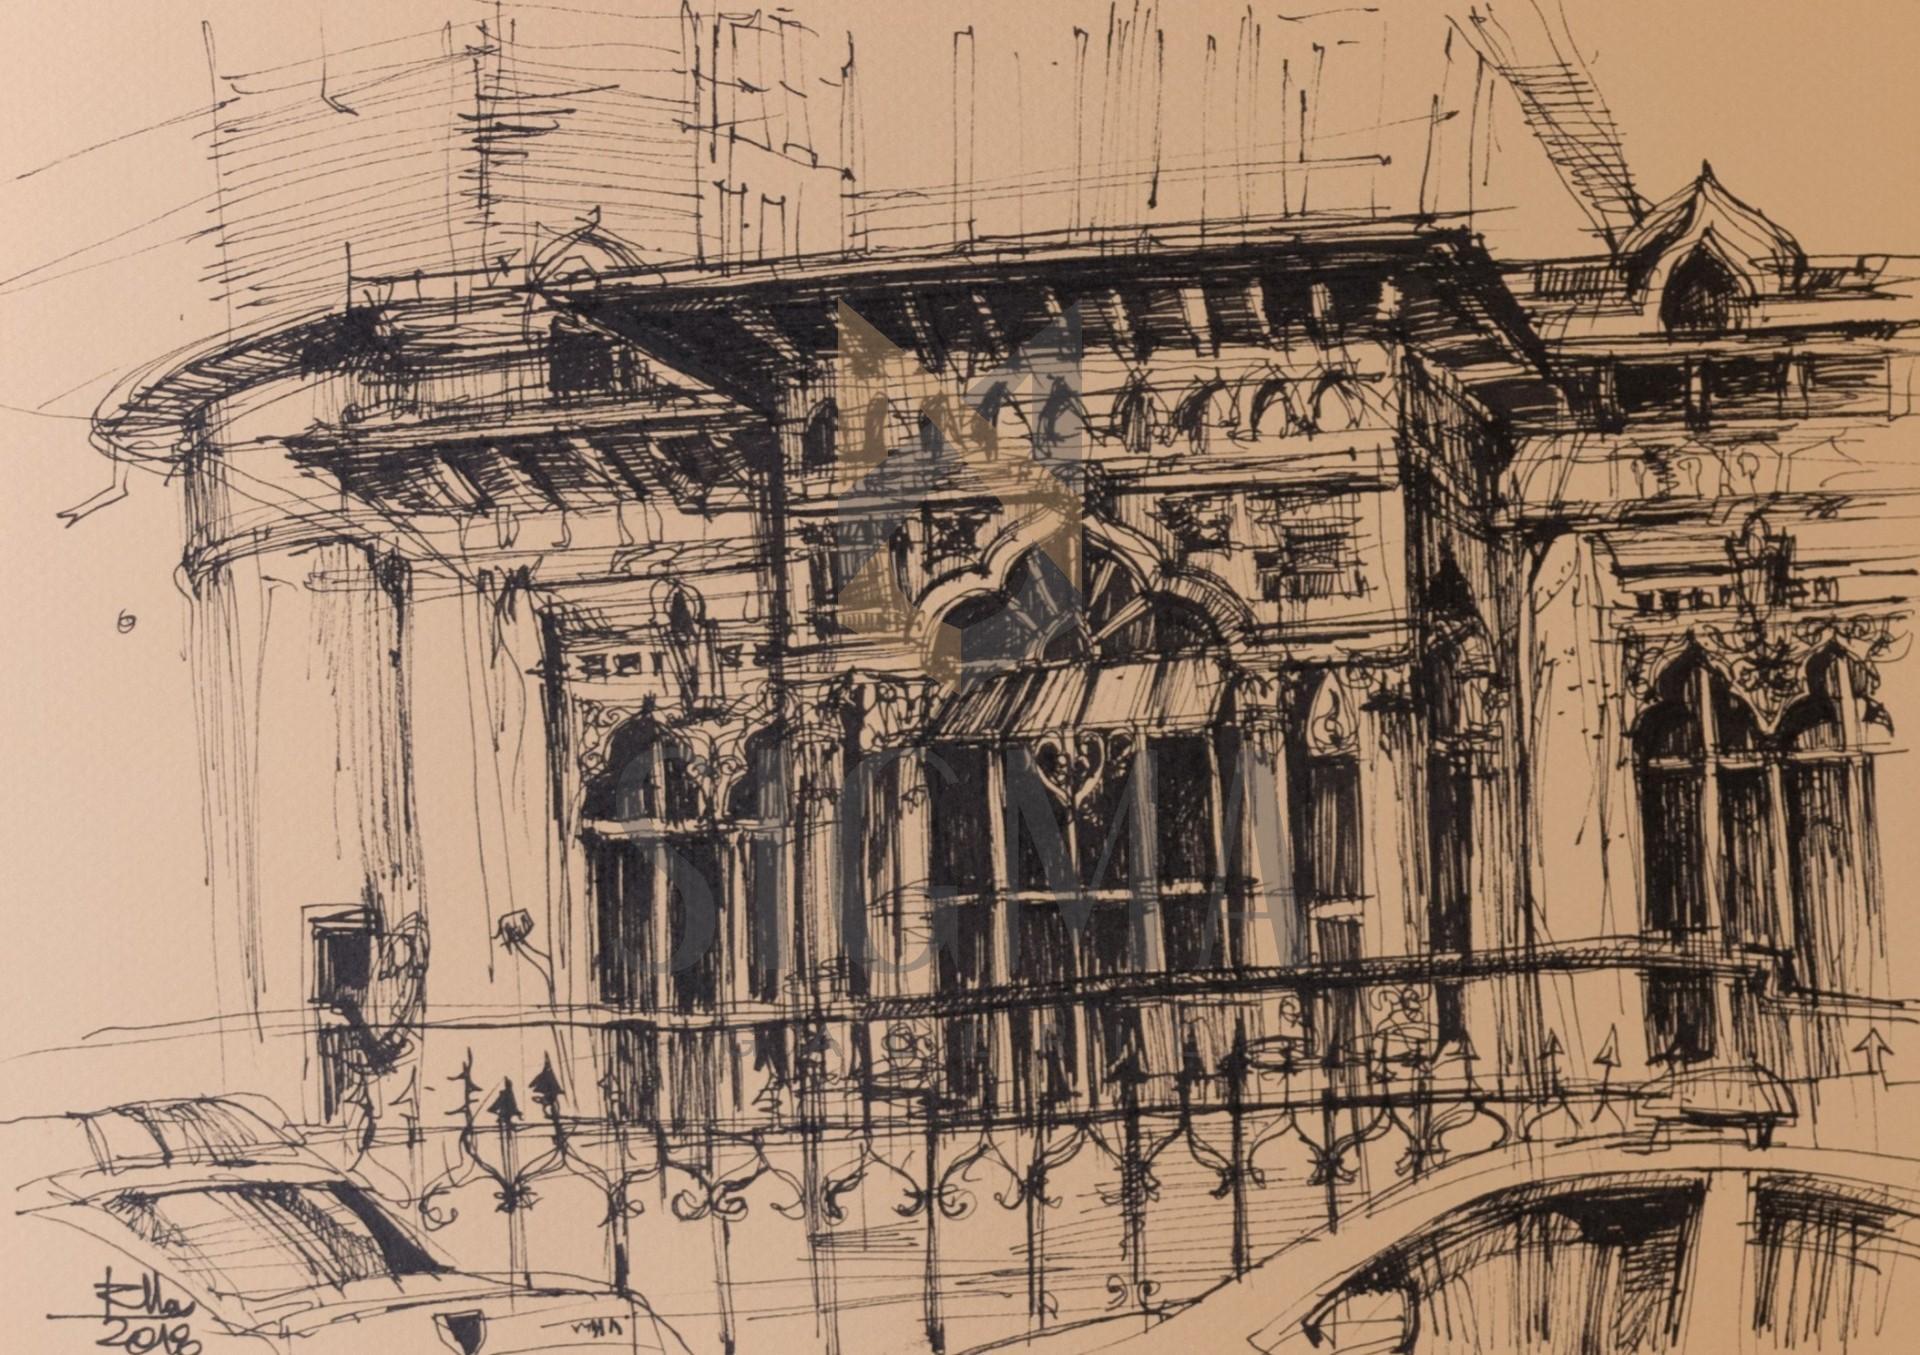 Tablou, Raluca Morariu, Casa Ionescu Ghion, tus, 30 x 21 cm